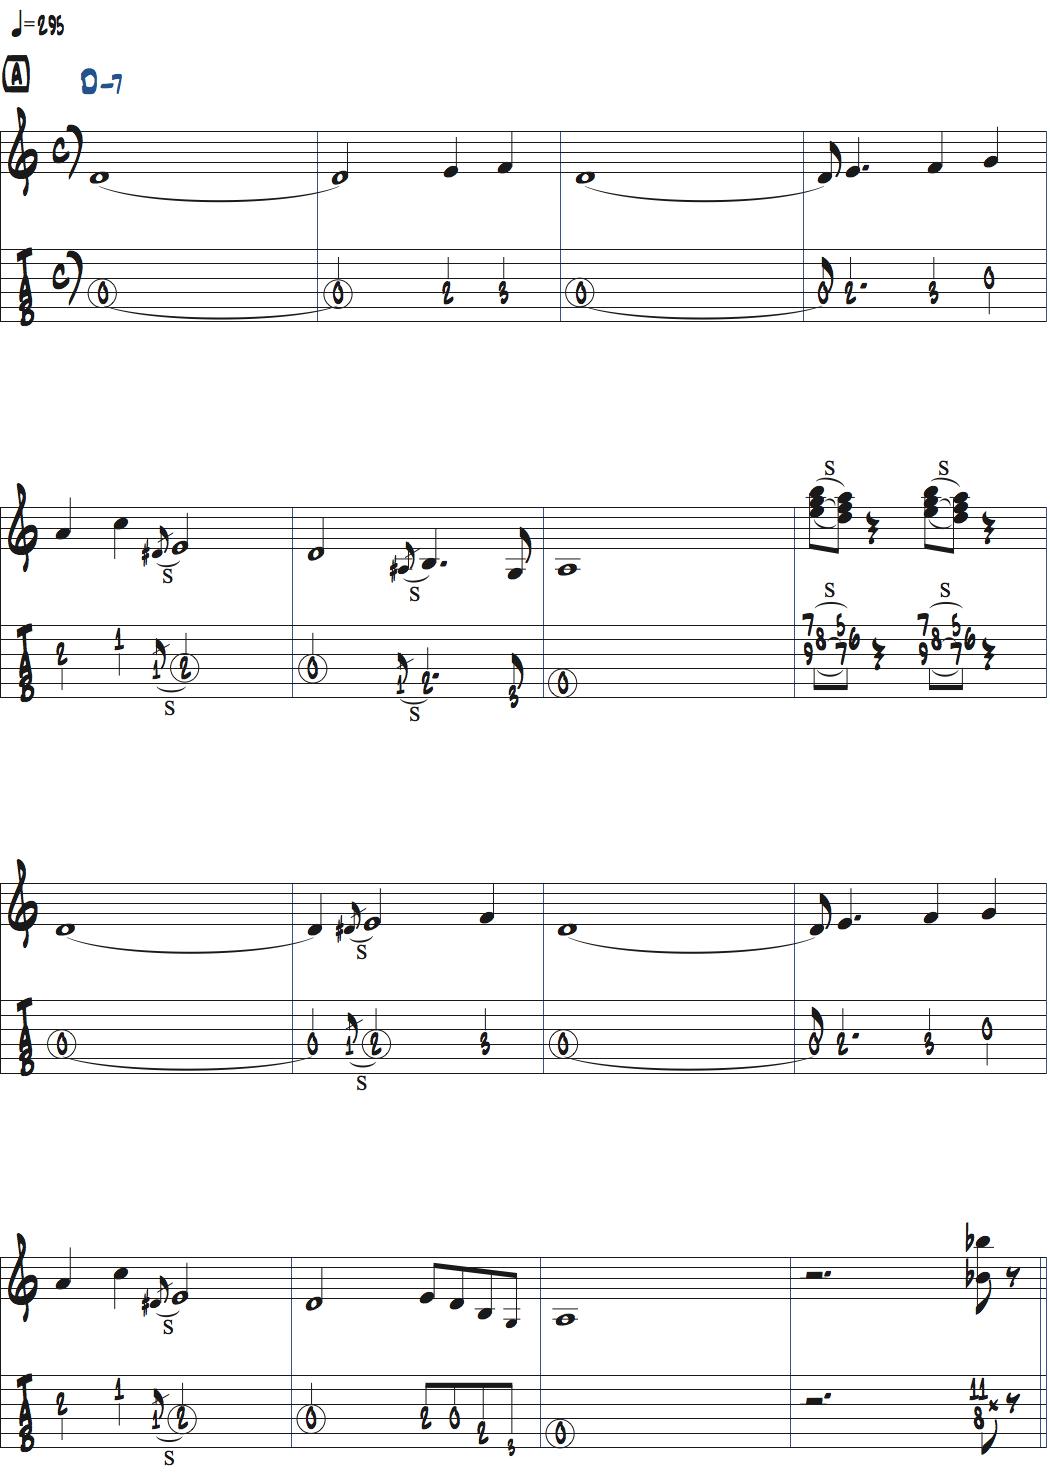 ウェス・ モンゴメリーimpressionsの前テーマ・メロディ楽譜ページ1